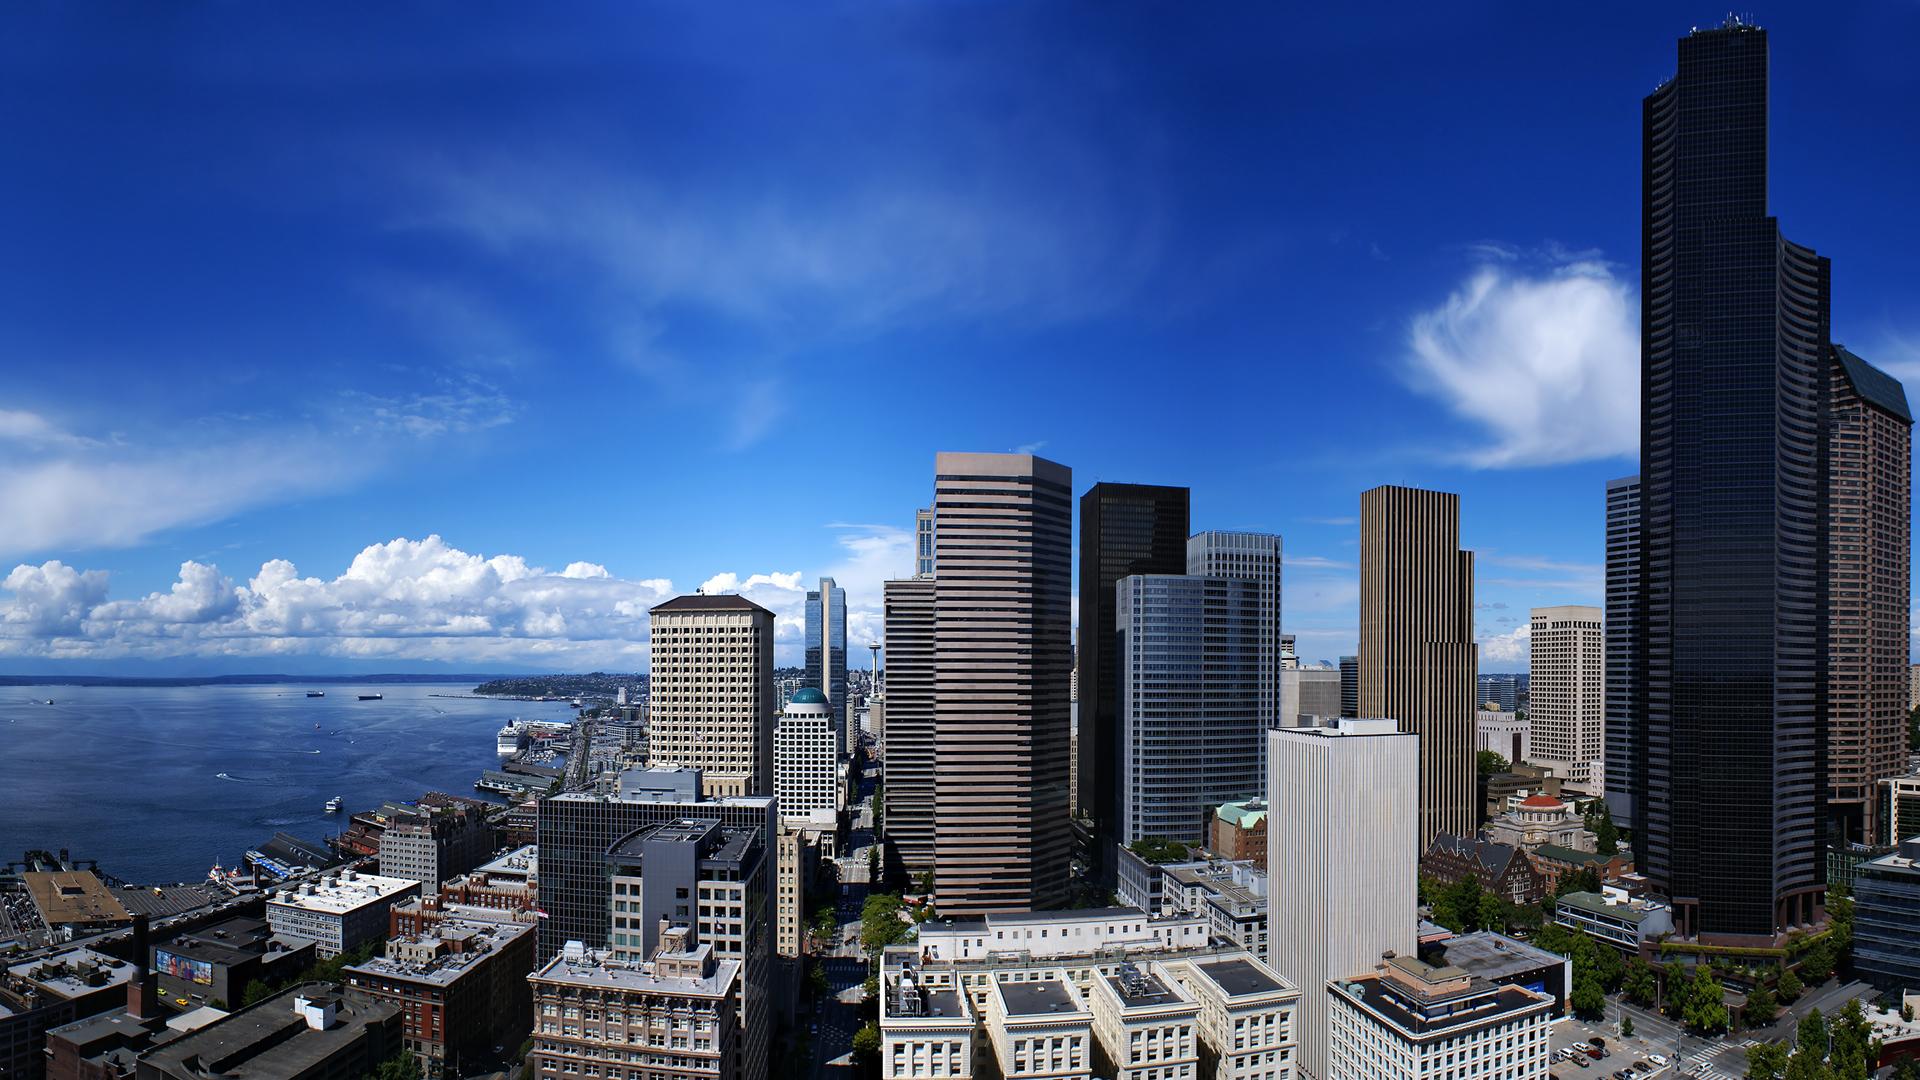 City HD Wallpaper